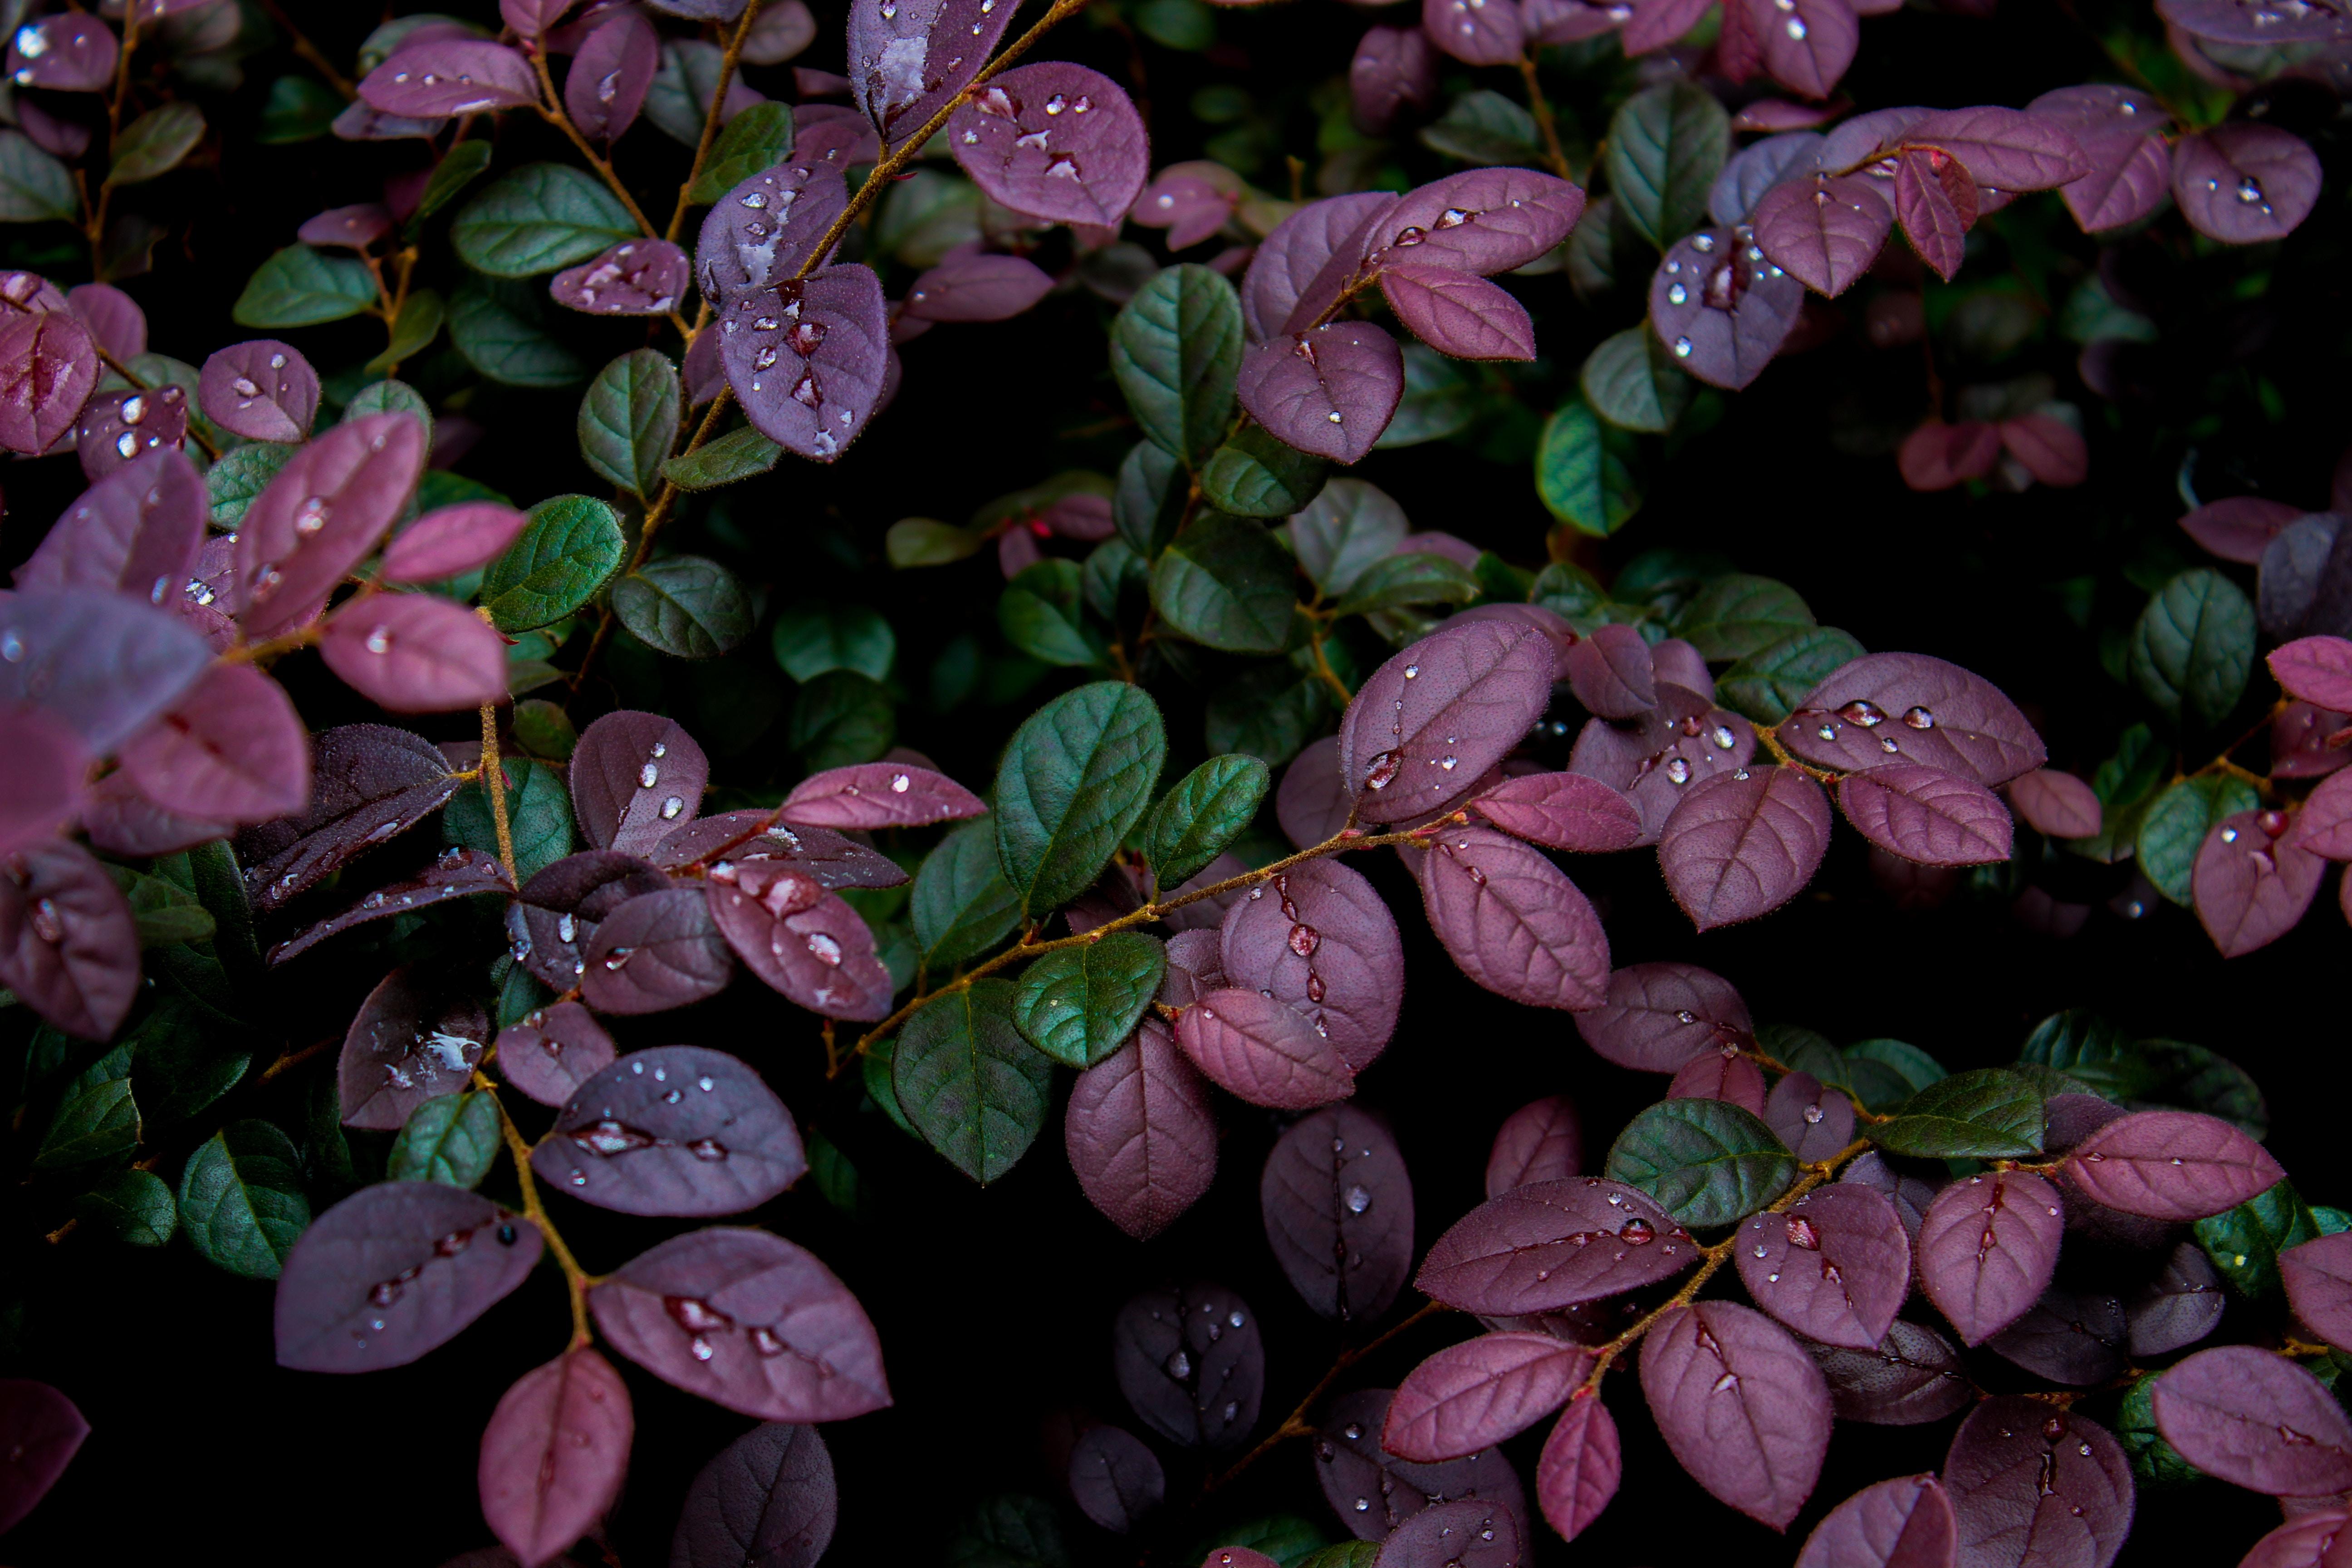 119846 скачать обои Листья, Влага, Растение, Природа, Капли, Роса - заставки и картинки бесплатно